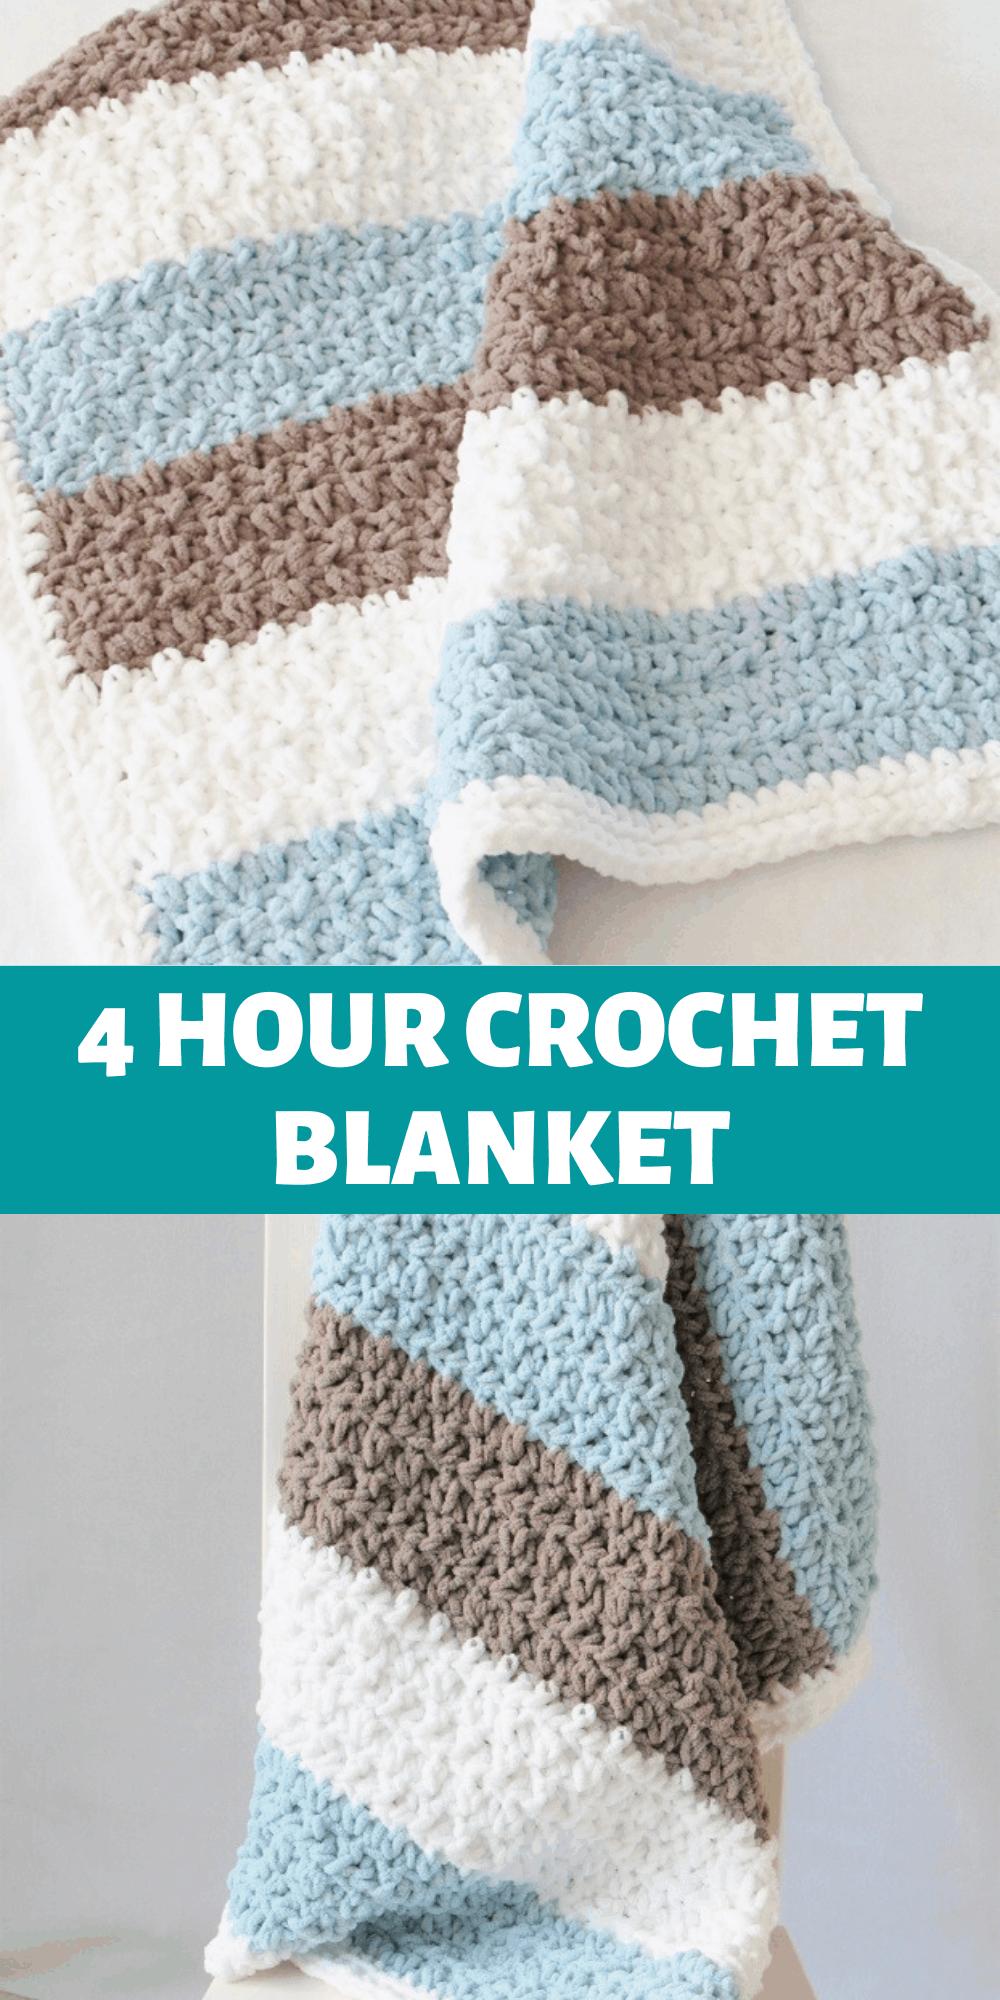 4 Hour Crochet Baby Boy Blanket Free Pattern Crochet Dreamz In 2020 Baby Blanket Crochet Pattern Crochet Baby Boy Baby Boy Crochet Blanket